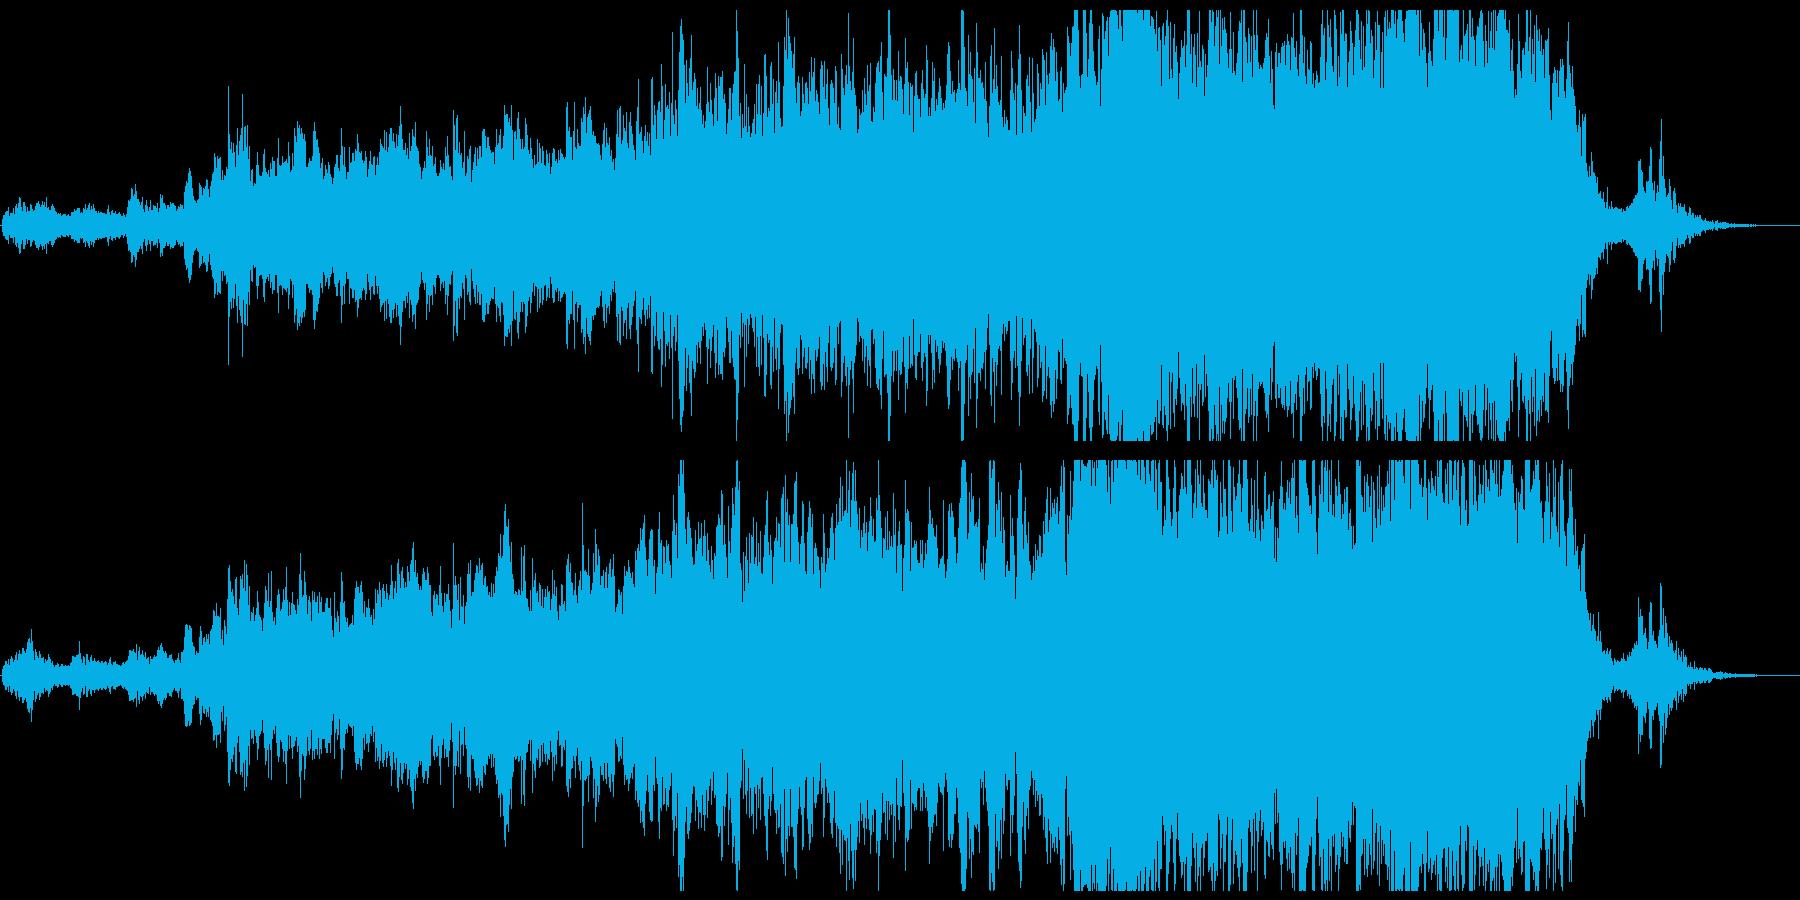 ローテンポなエピック系トレーラー音楽の再生済みの波形